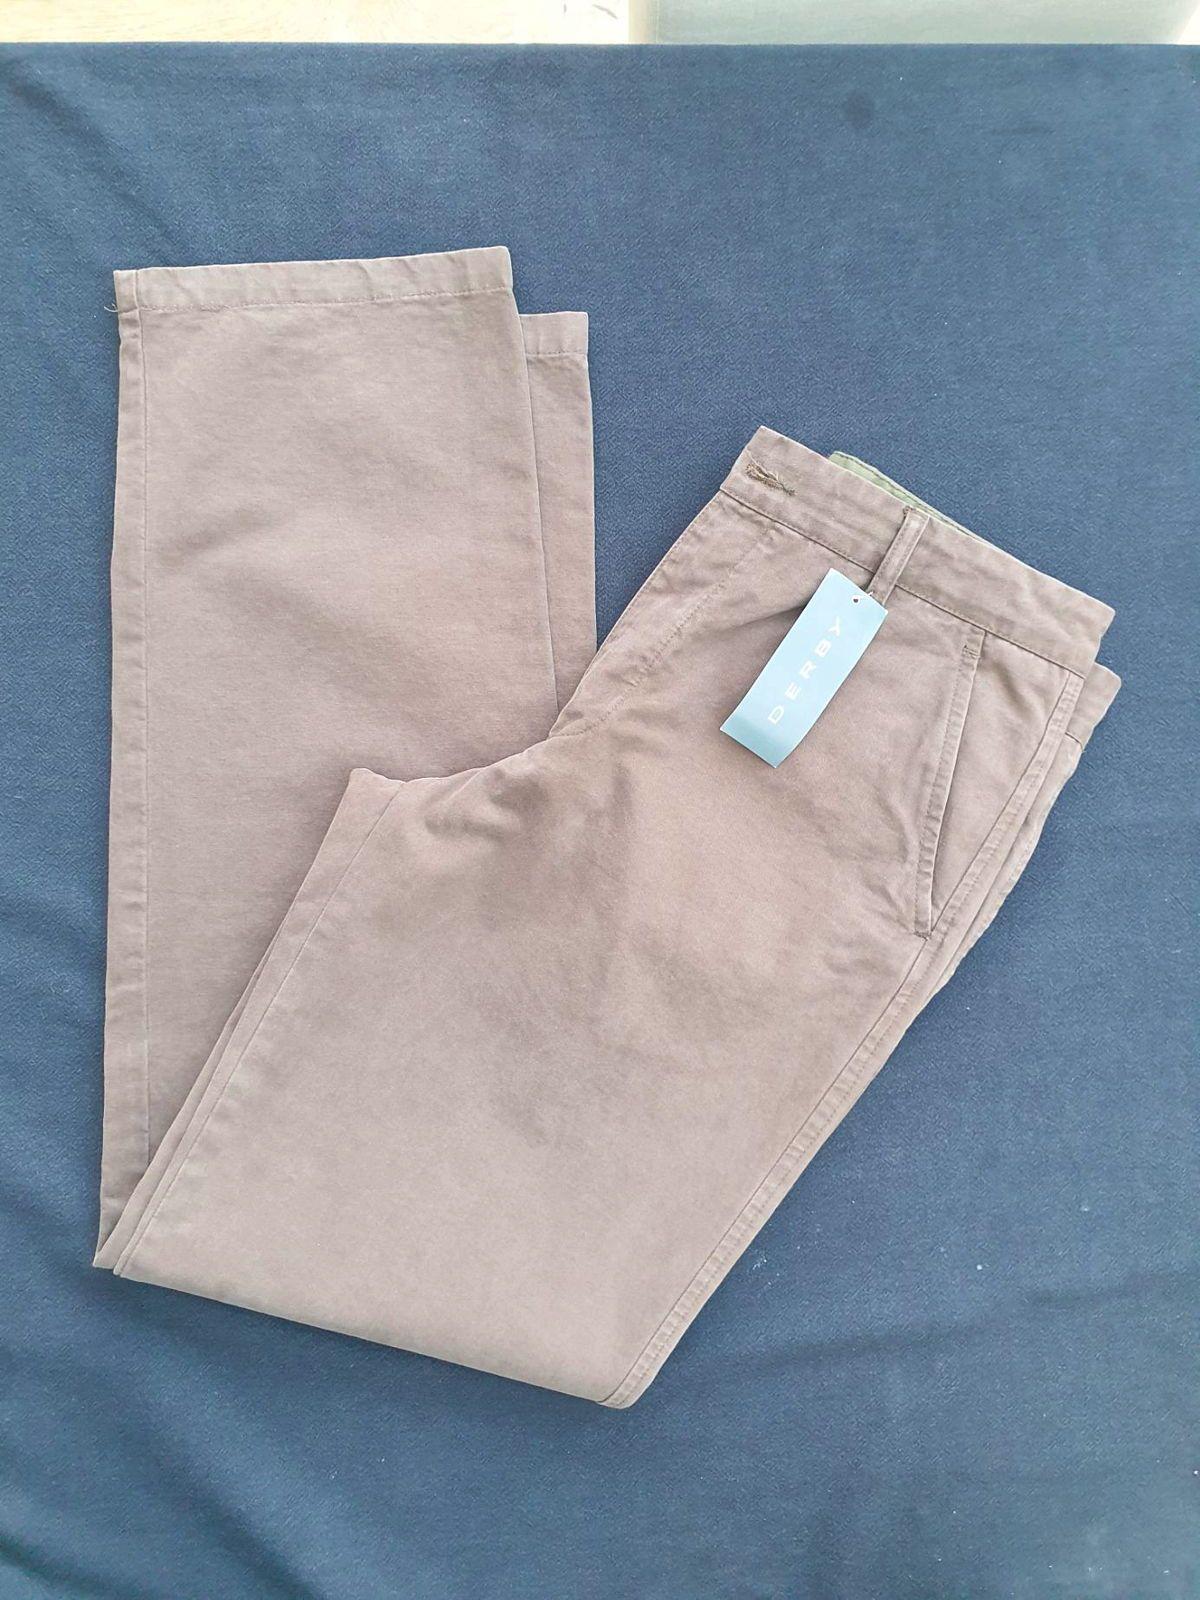 Pantalon homme neuf avec étiquette taille 40chocolat